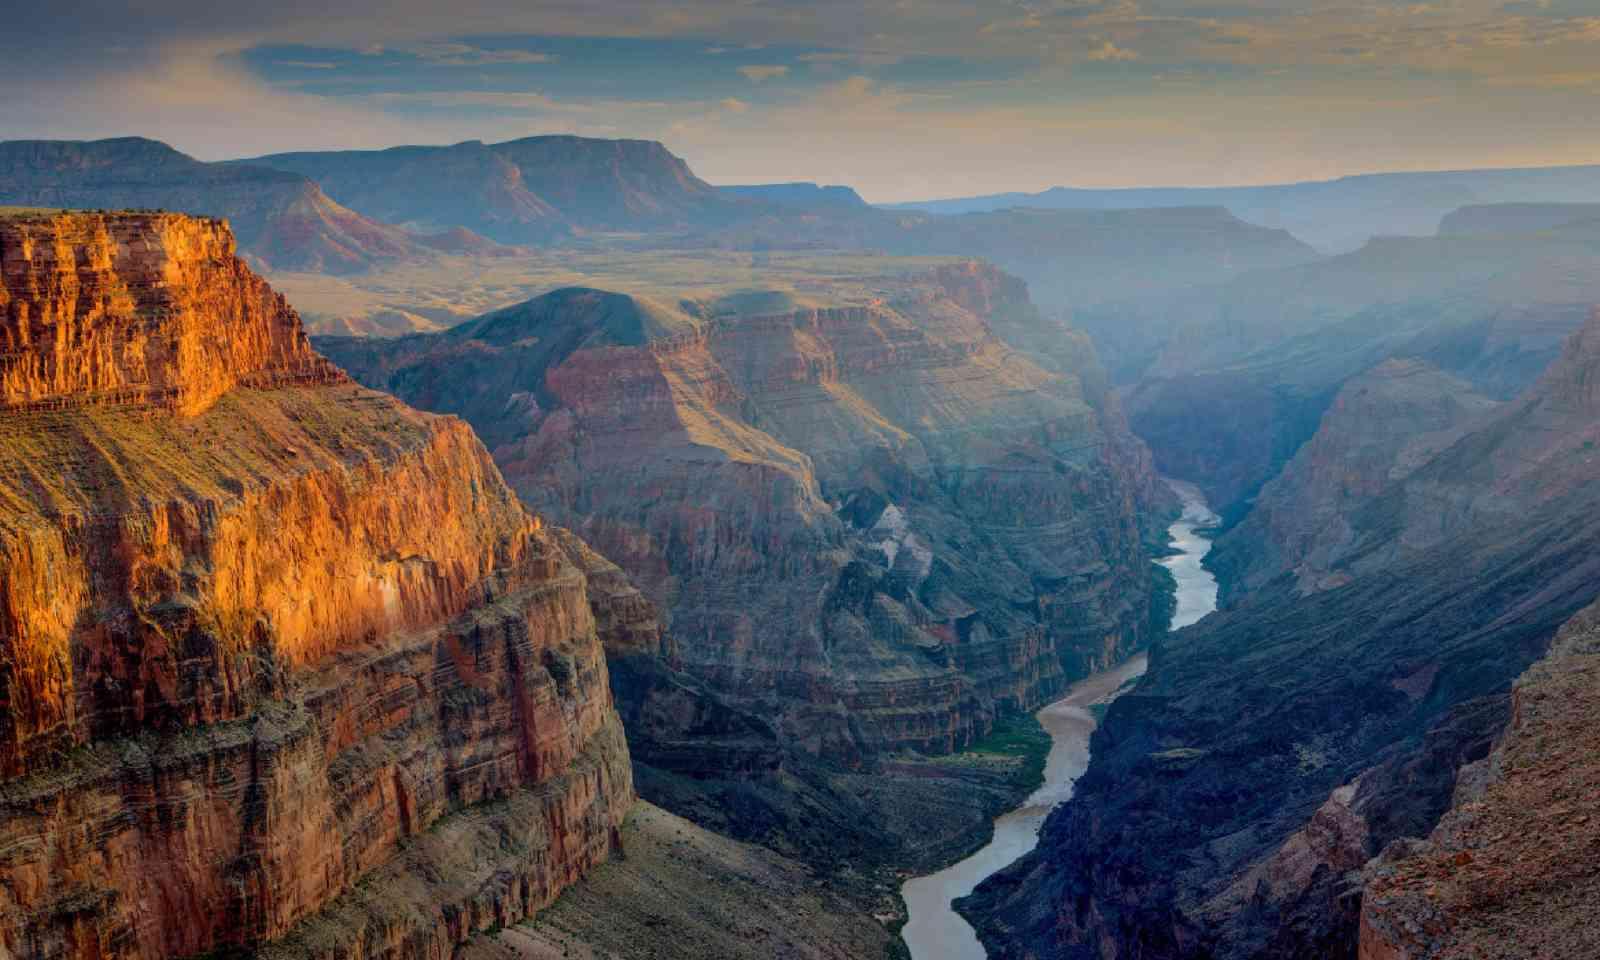 Sunset at Toroweap, Grand Canyon National Park (Shutterstock)